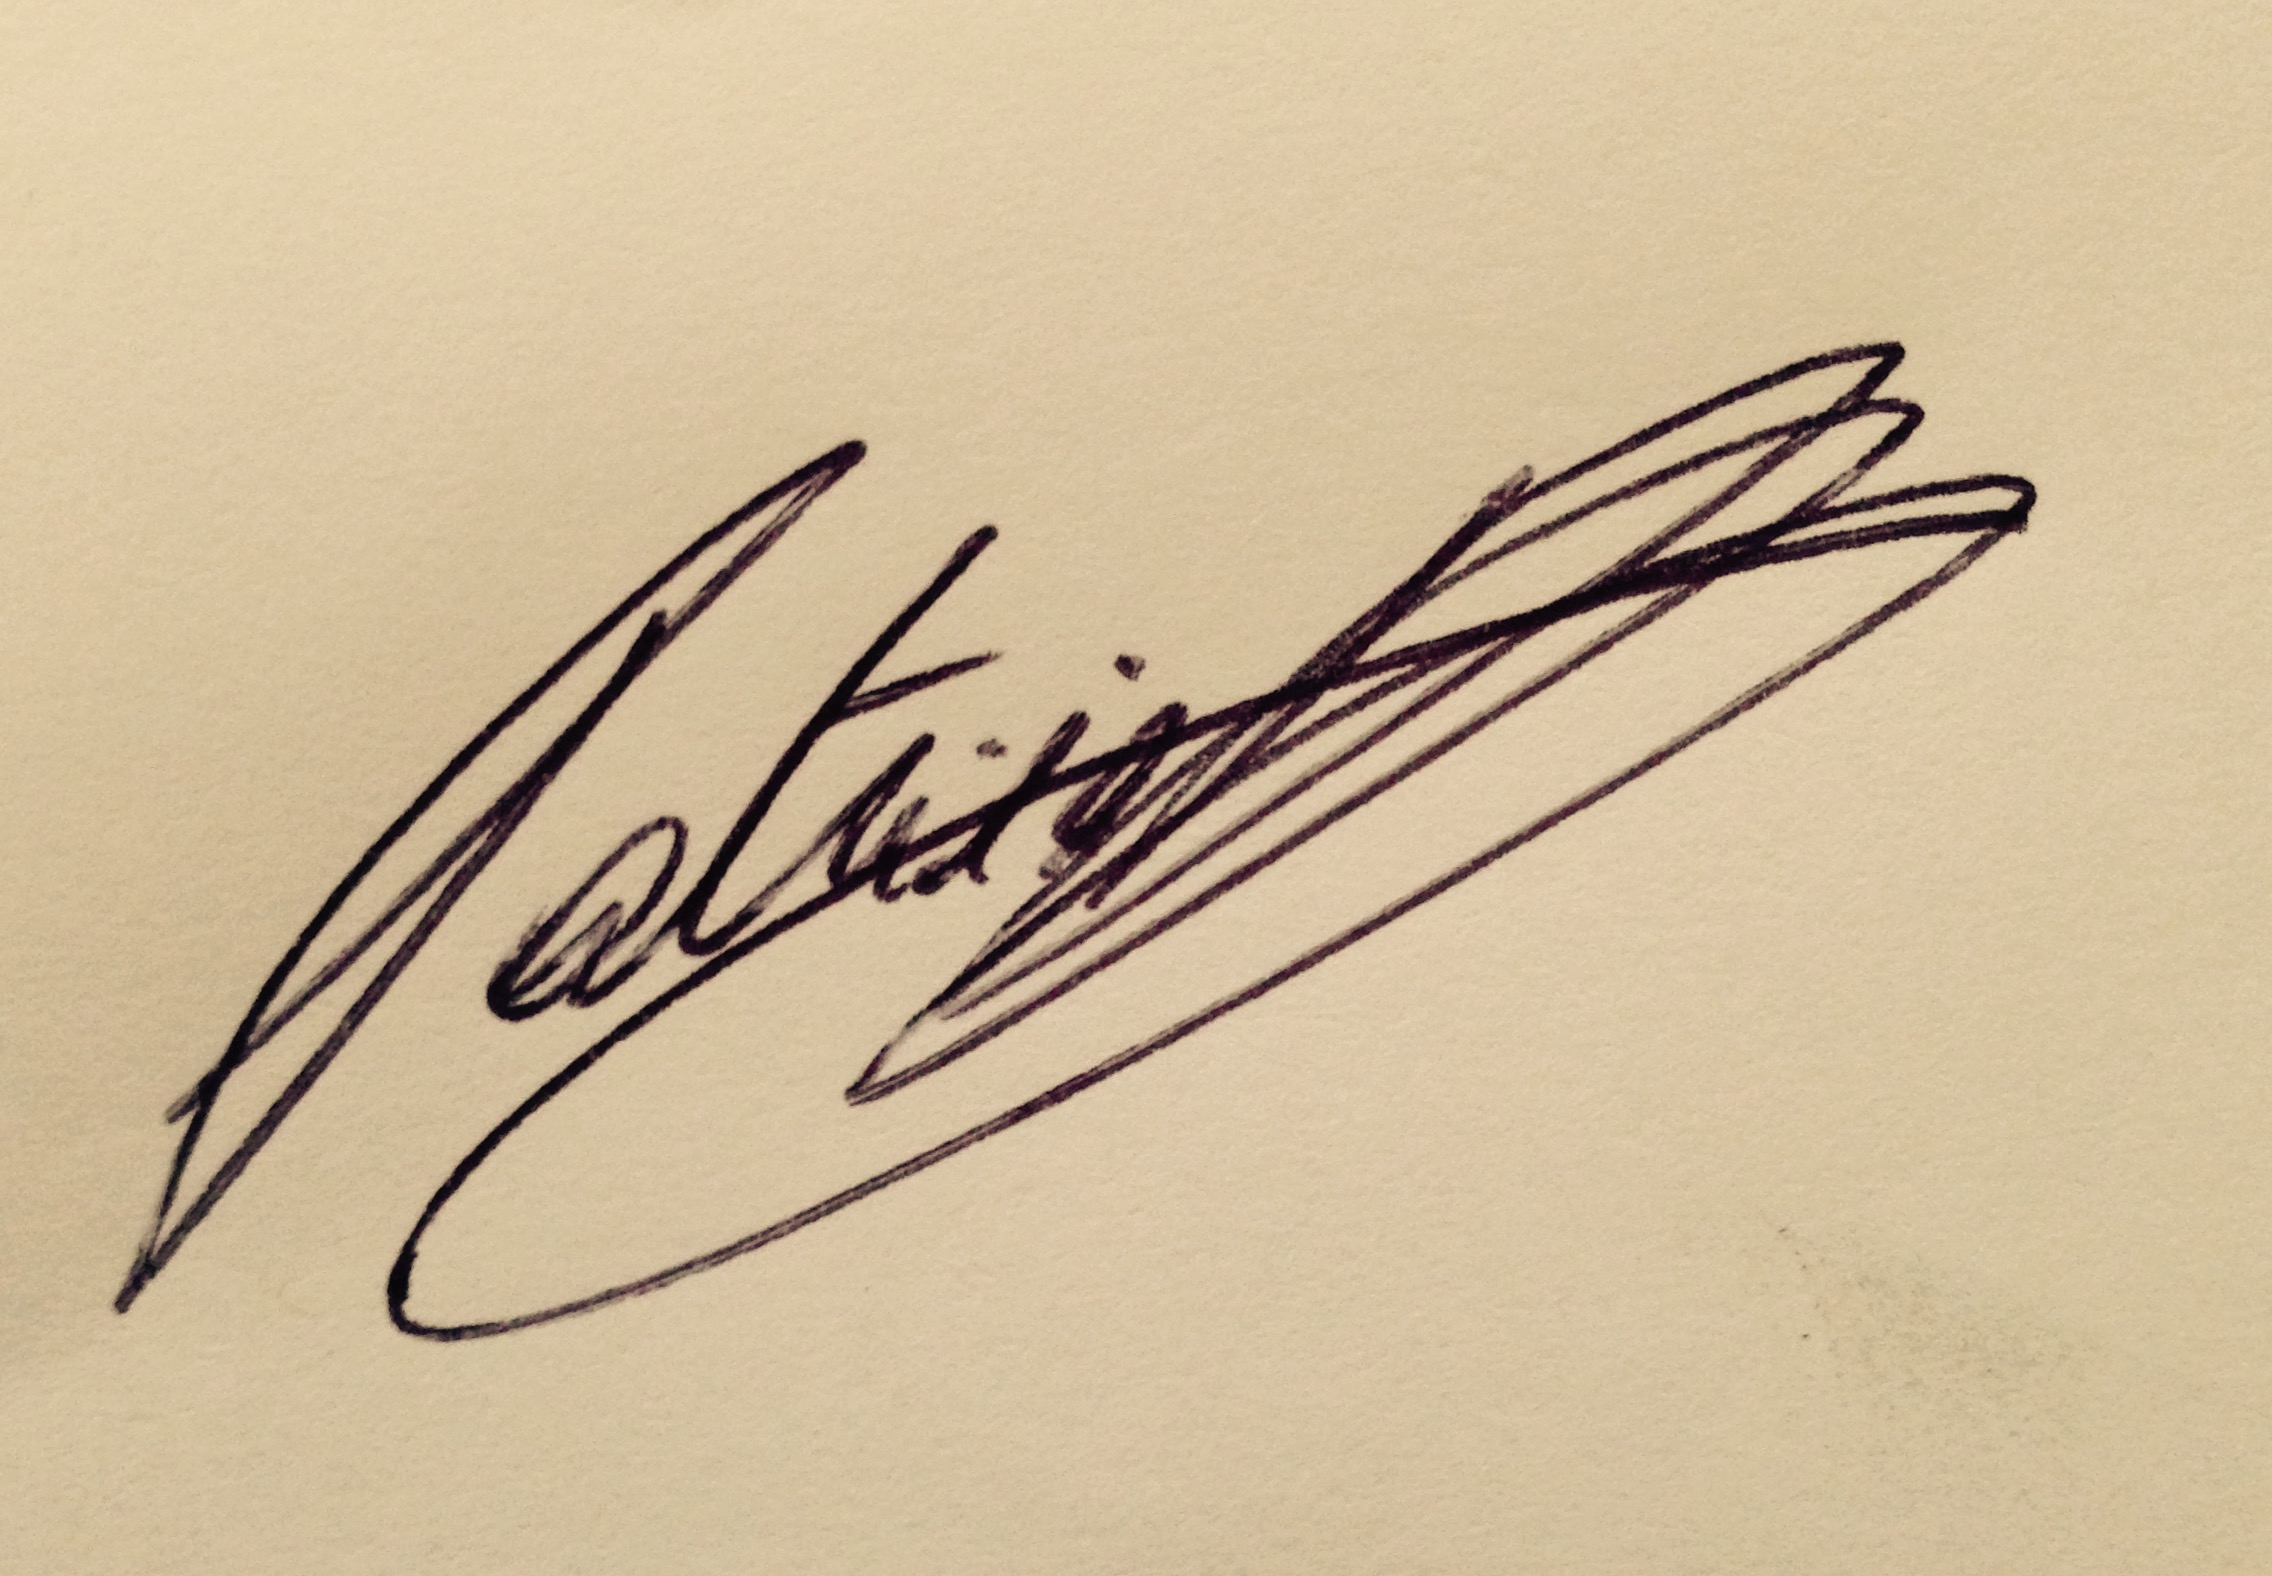 Patricia Hoyos de Schryver's Signature